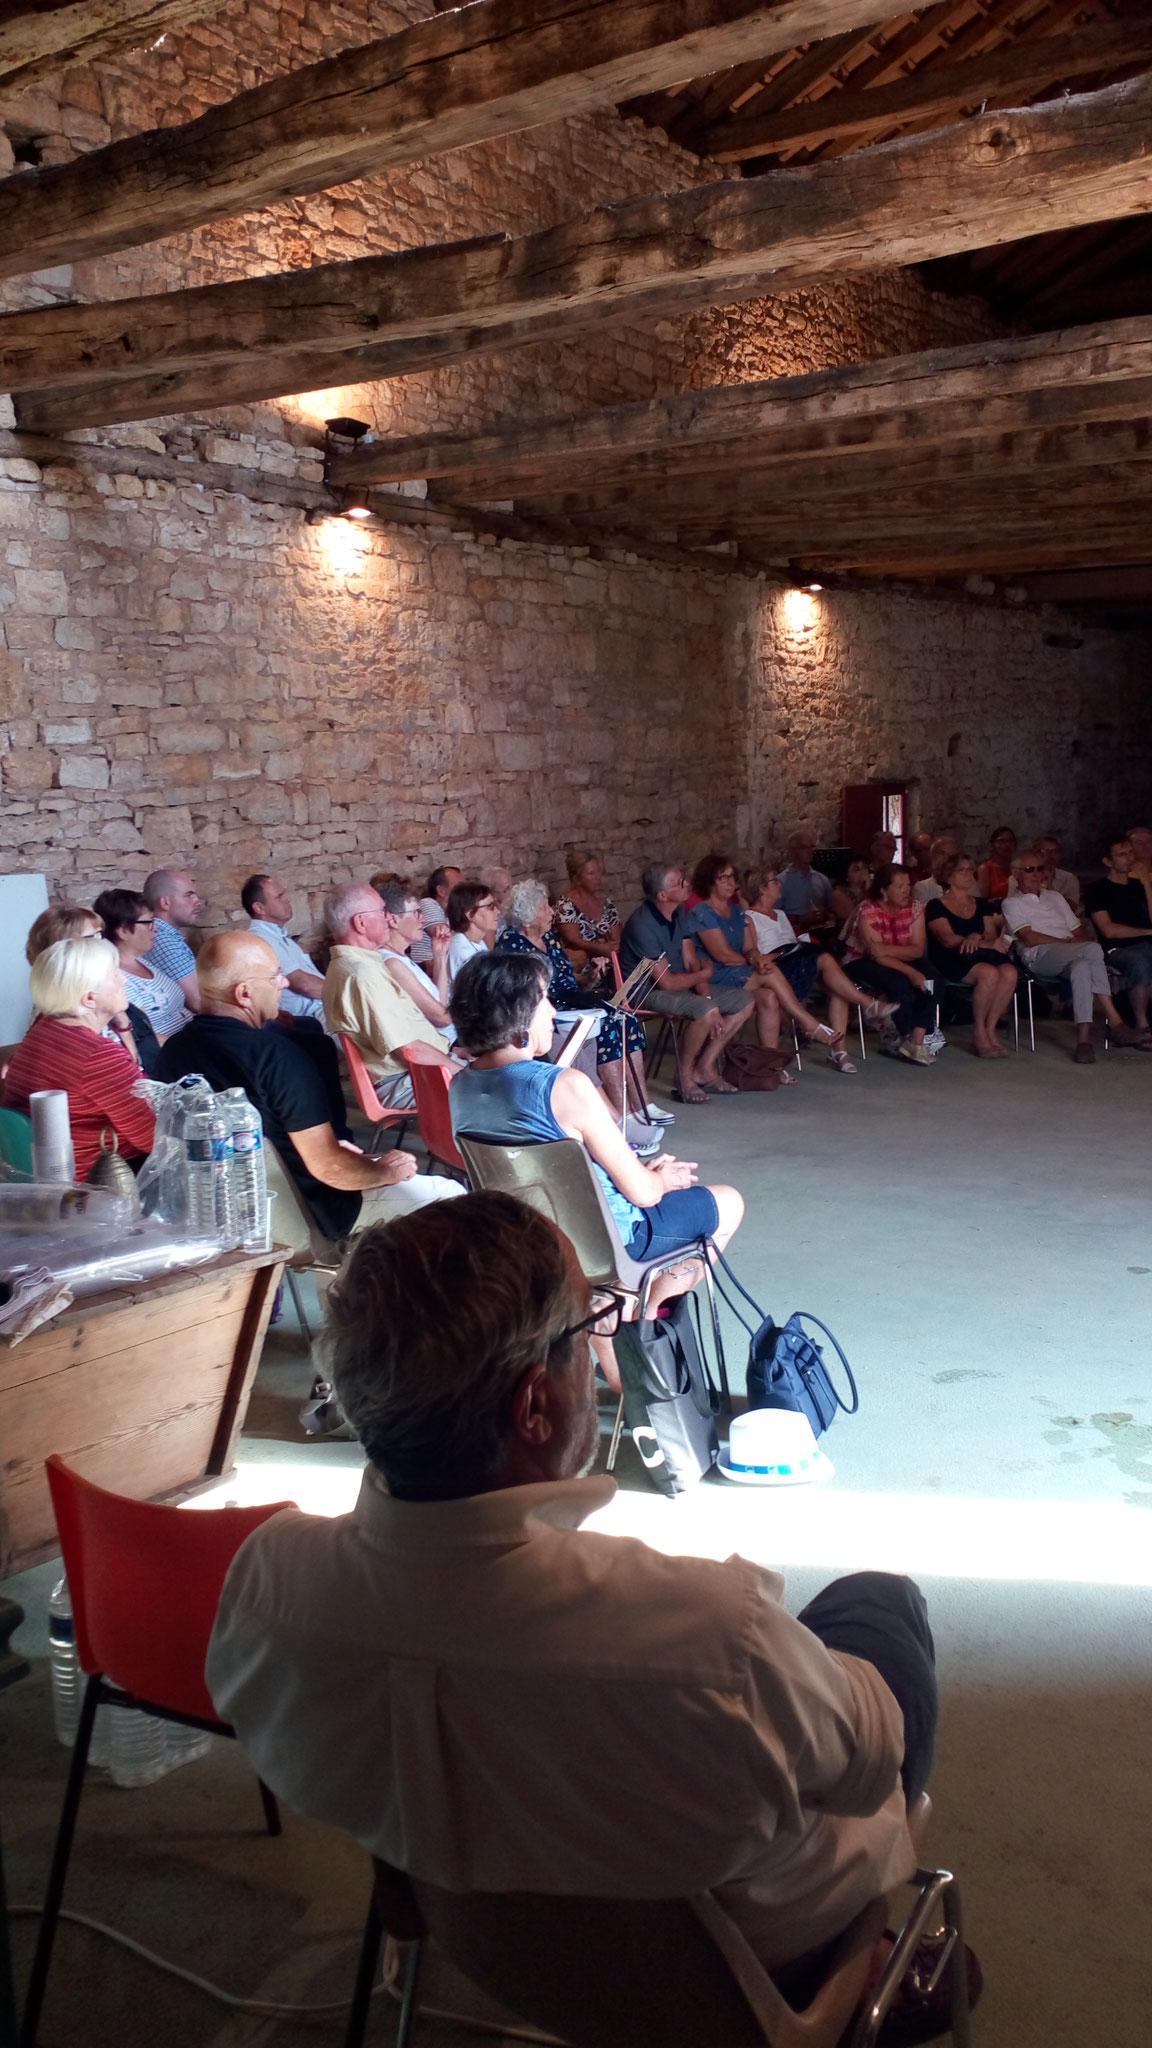 Conférence sur l'abbaye de Tourtoirac et l'Araucanie par Jean Louis Fromentière et un membre de l'association Auspice Stella